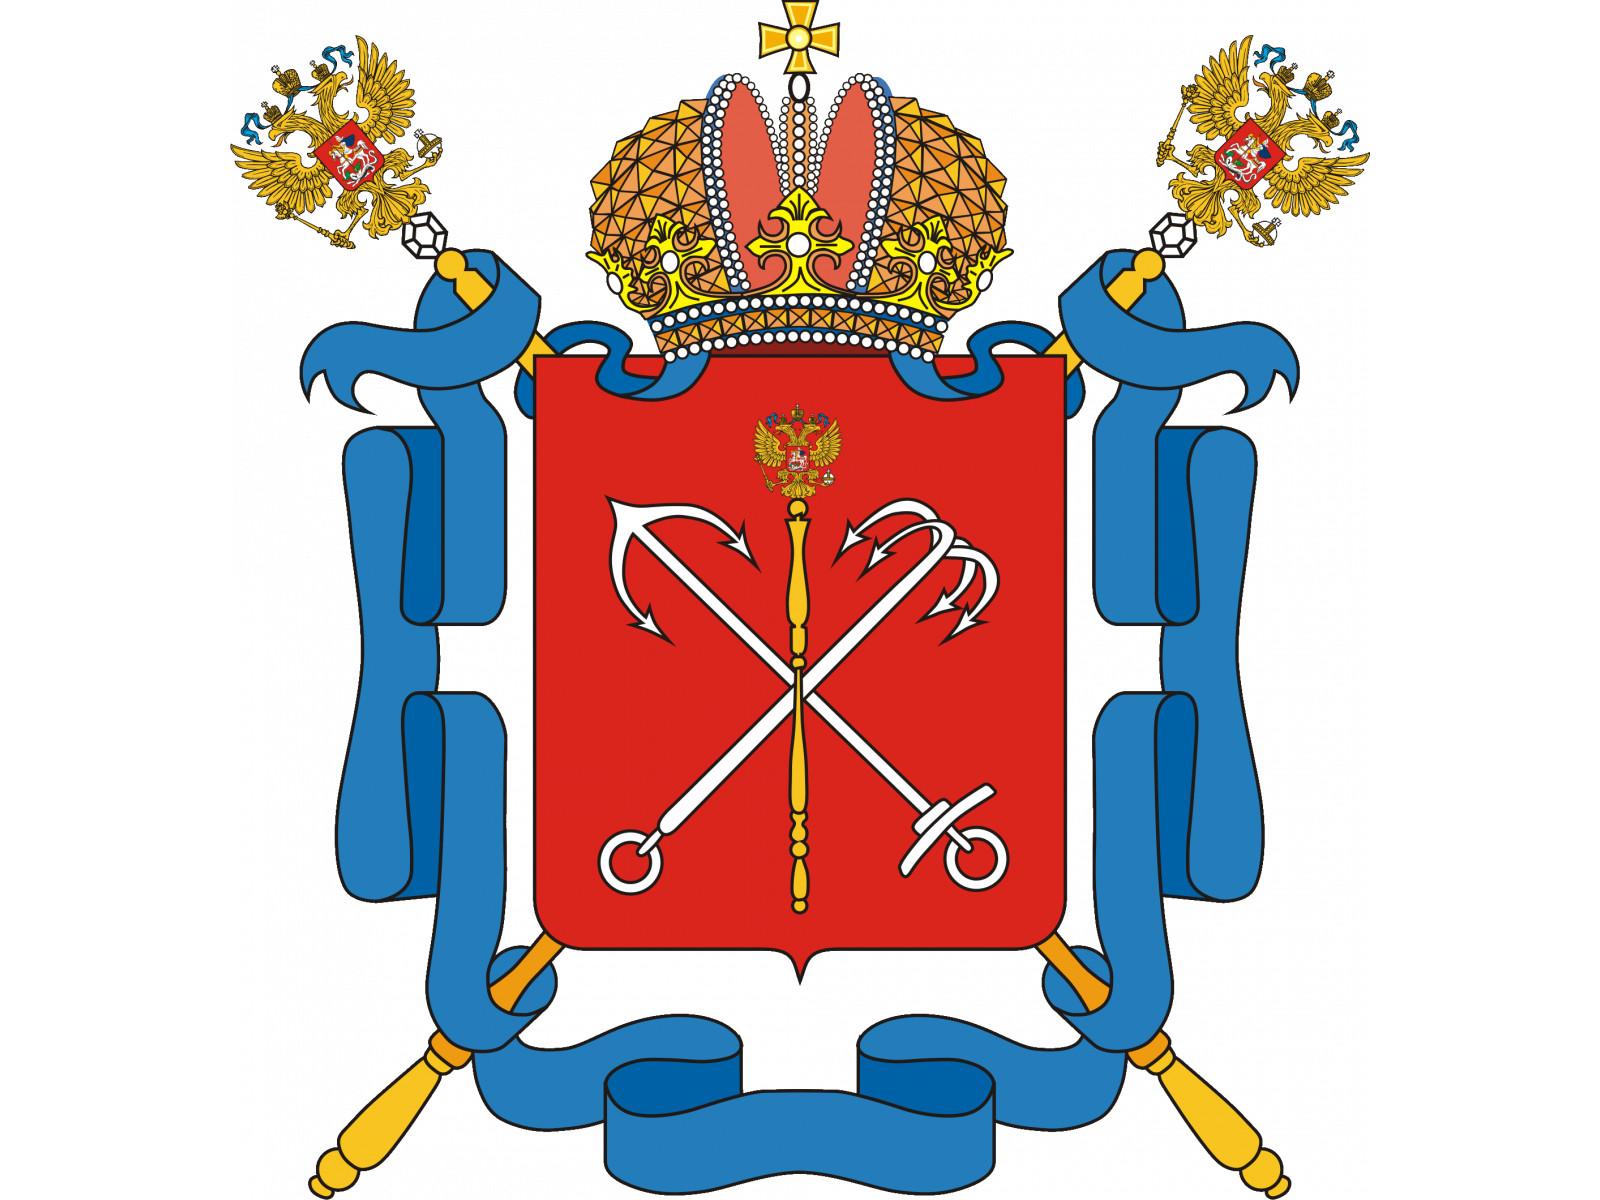 Аспирантка кафедры стала обладательницей стипендии Президента РФ на 2013/2014 учебный год